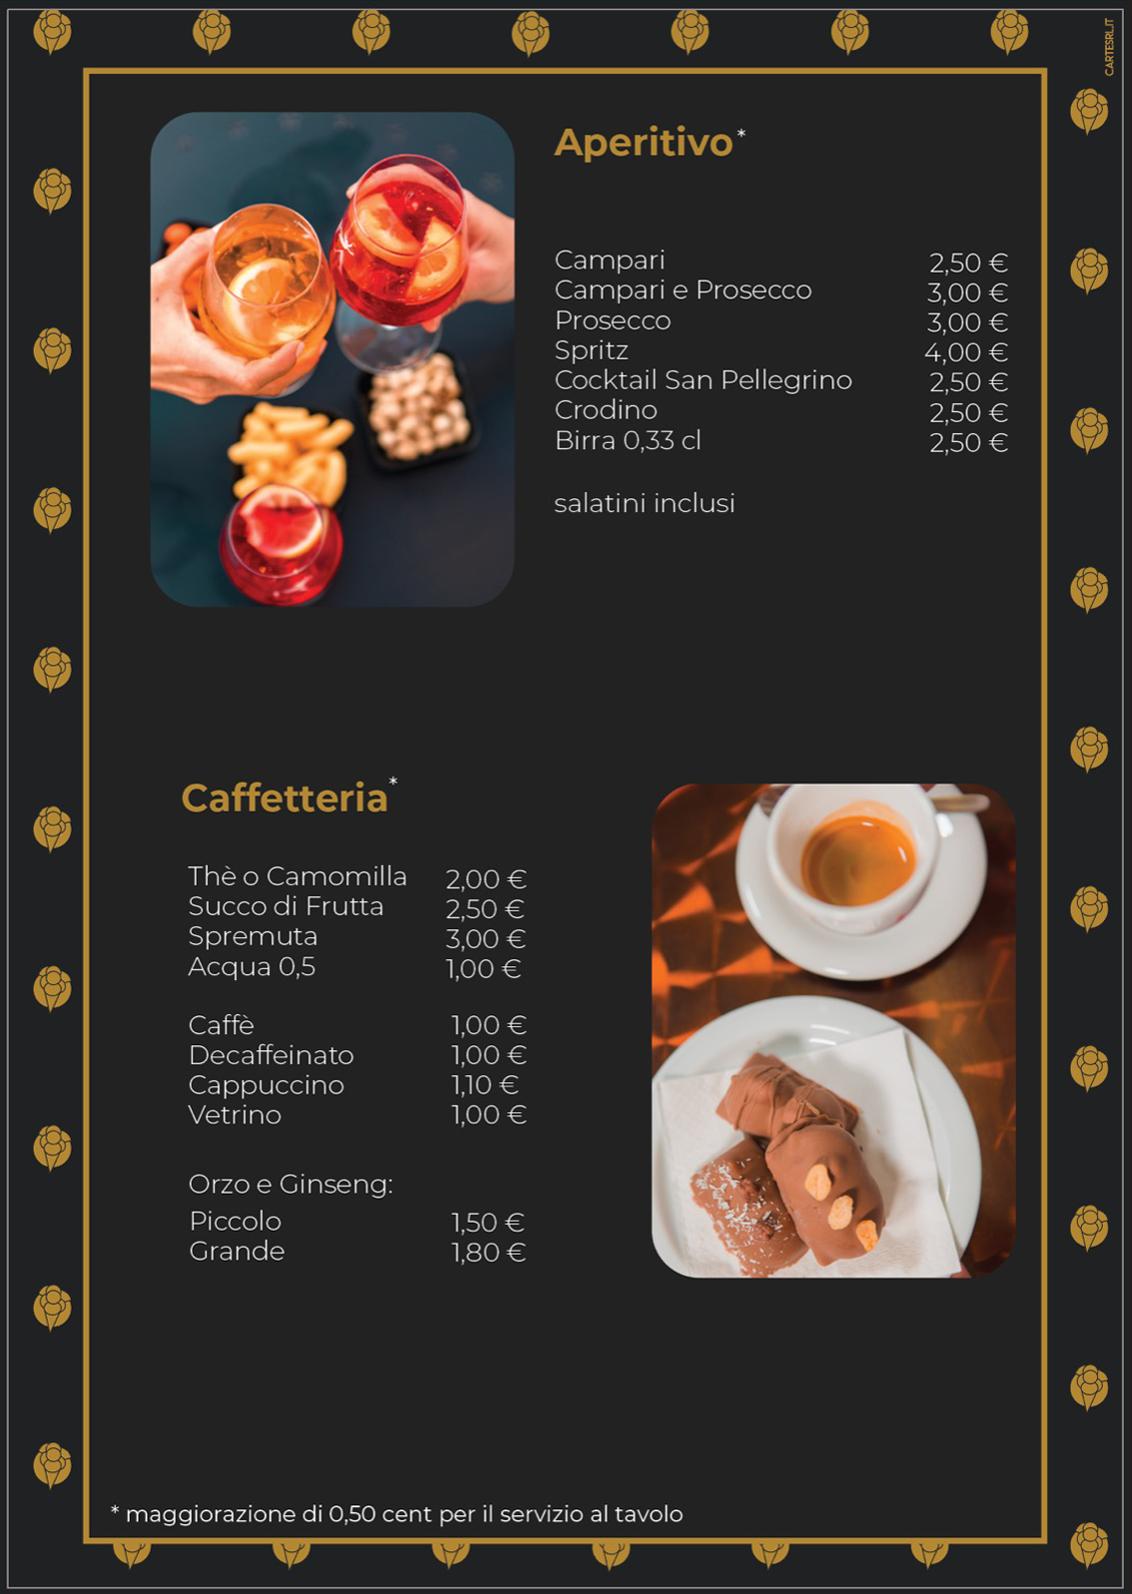 aperitivo-e-caffetteria